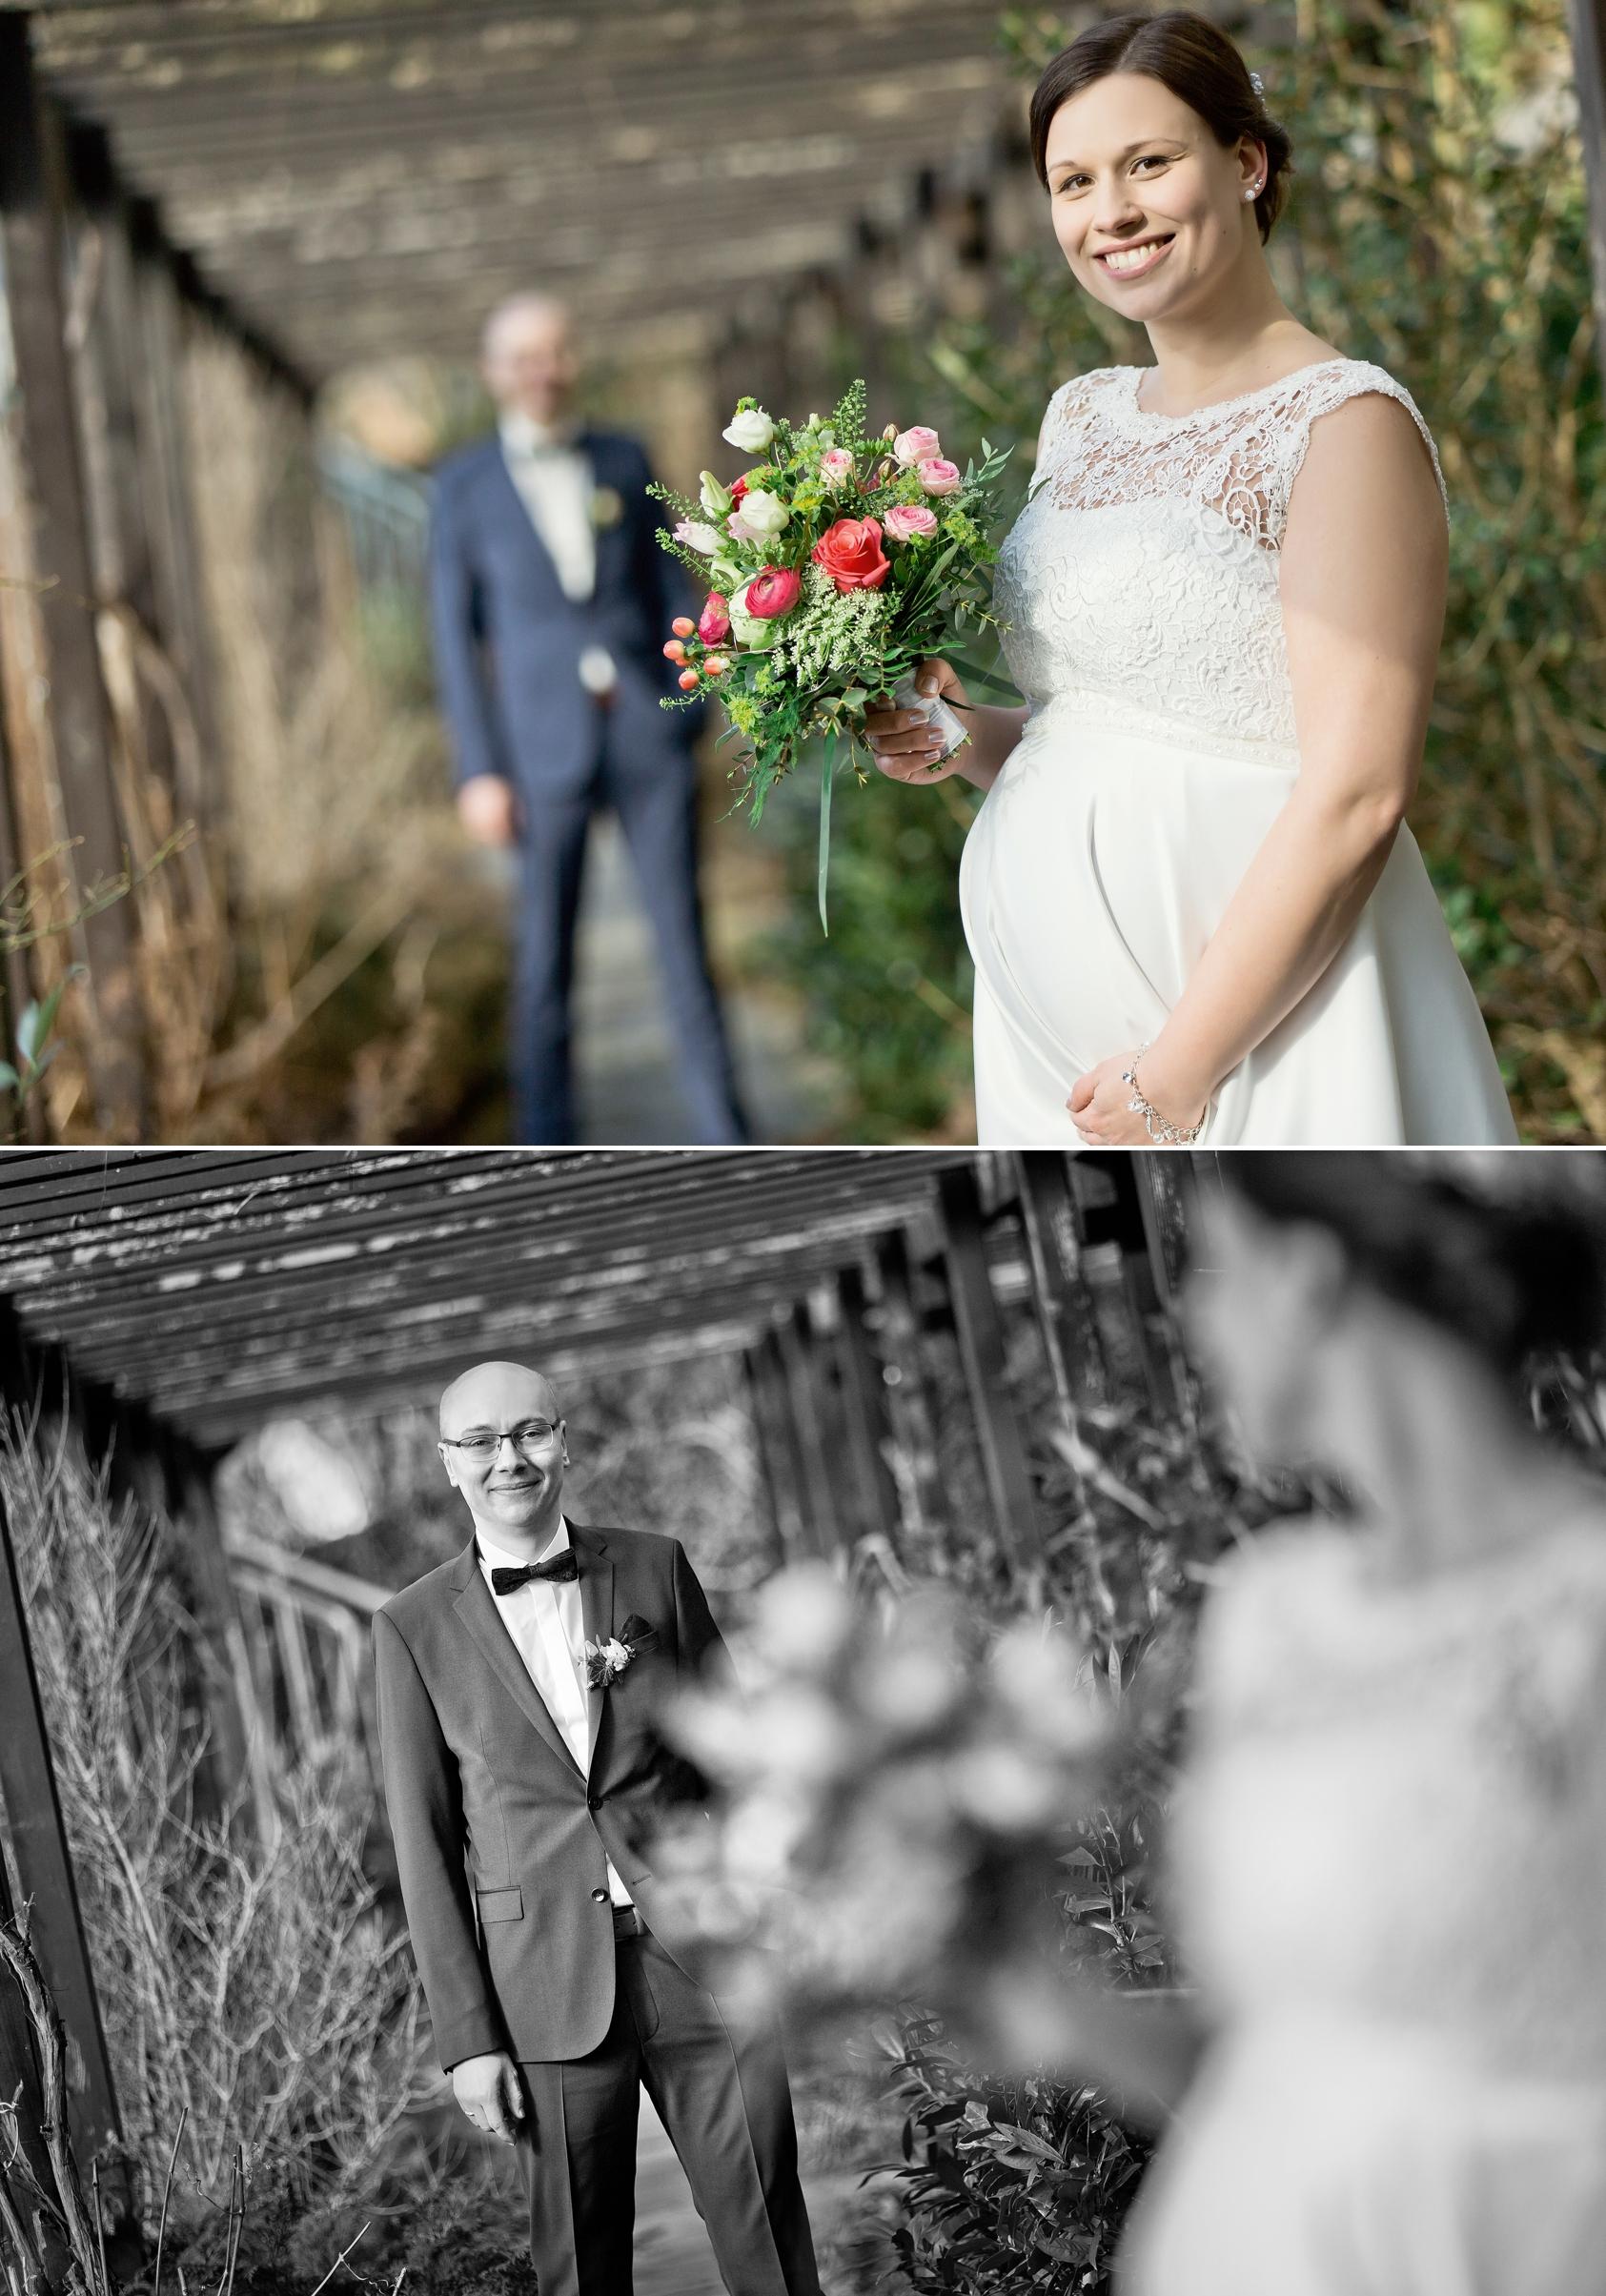 als Hochzeitsfotograf in zschoapu auf schloss Wildeck